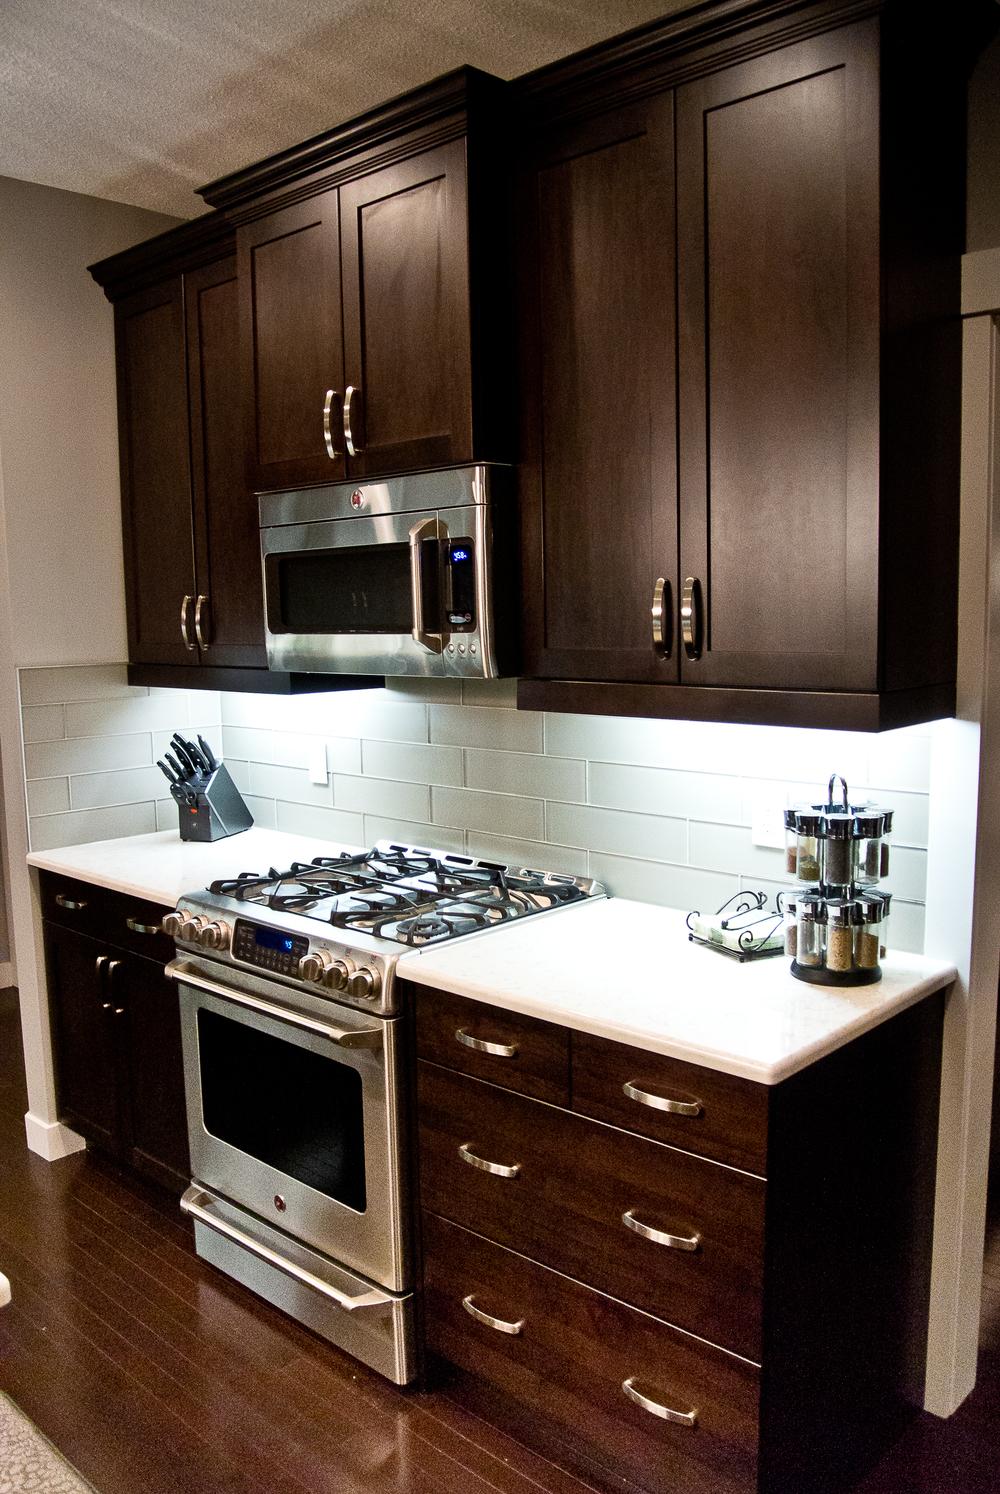 ^ Kitchen — Julie oberts Interior Design onsultant